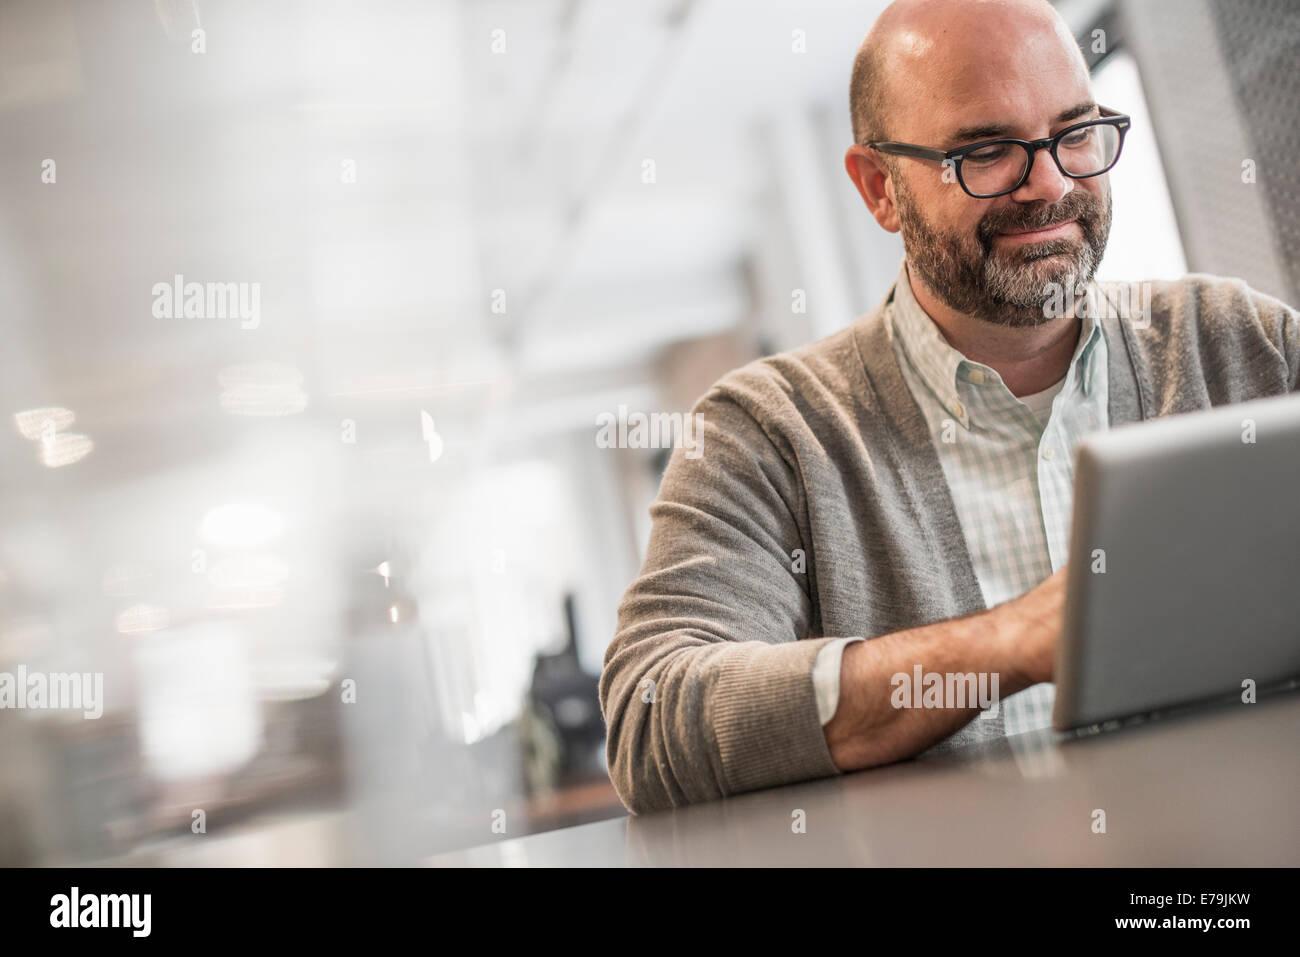 Büroalltag. Ein Mann sitzt an einem Tisch auf einem Laptop arbeiten. Stockbild